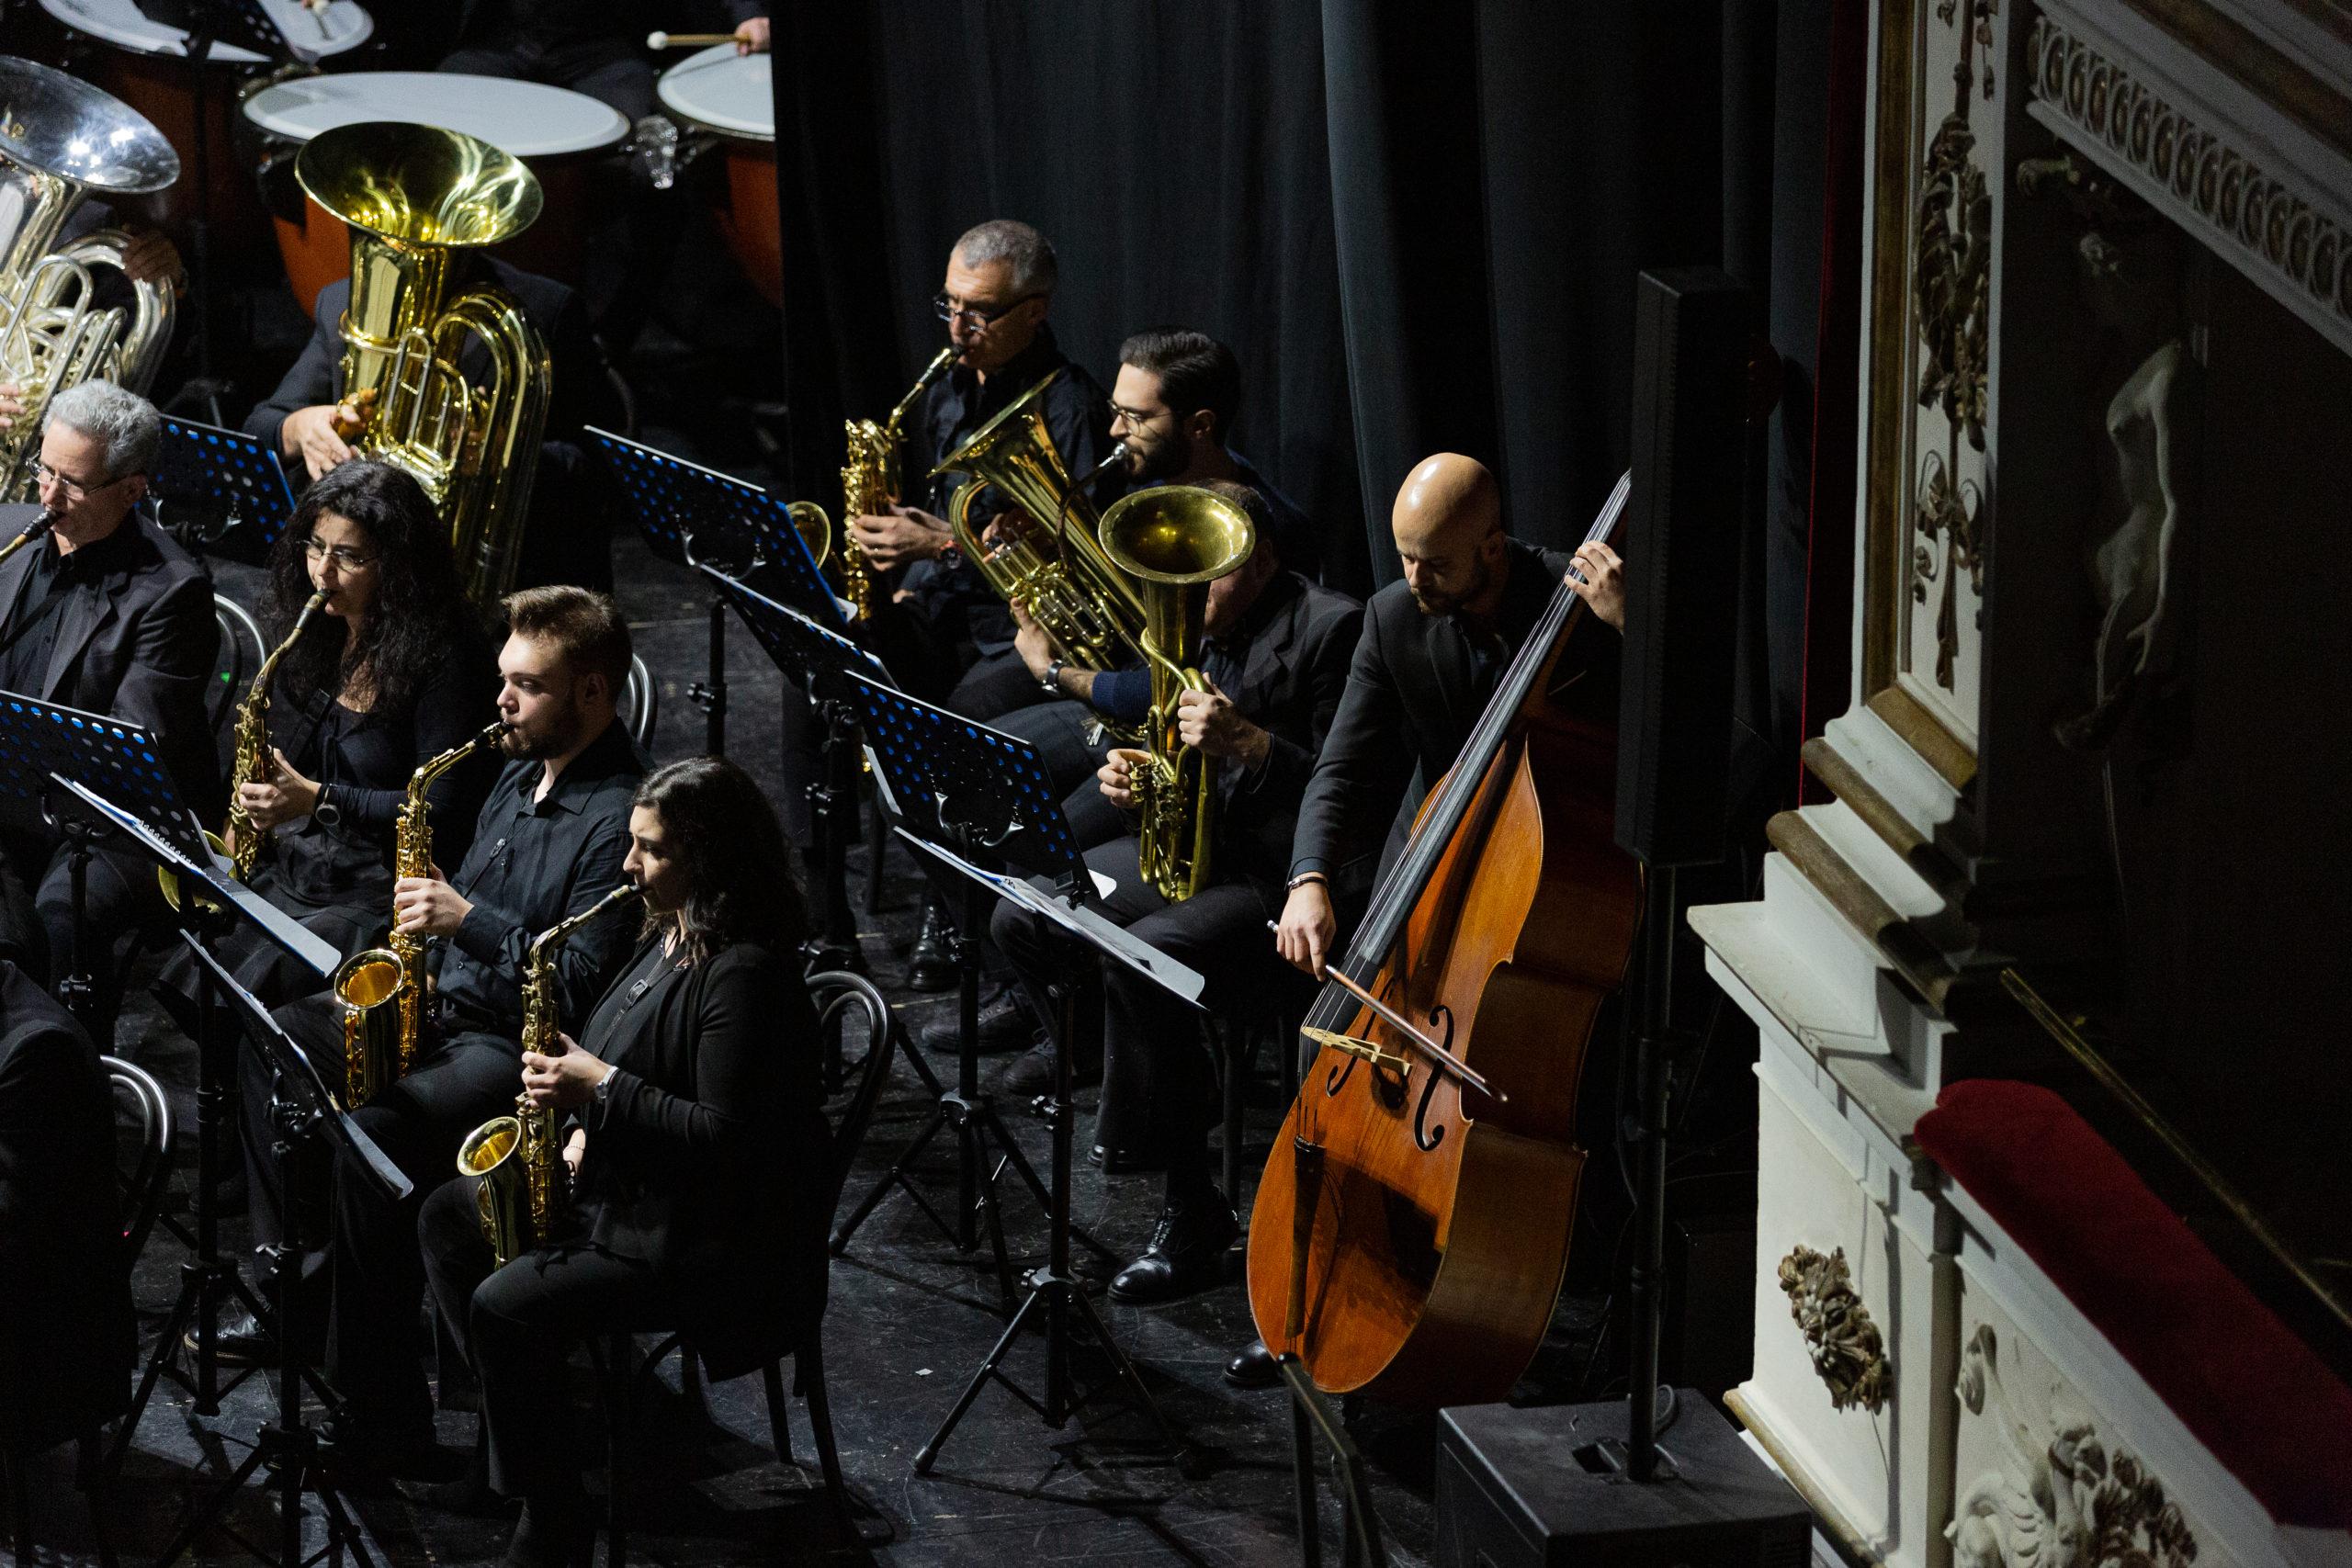 Concerto-di-Natale-Banda-Alaleona-Foto-di-Marco-Rapazzetti-4-scaled